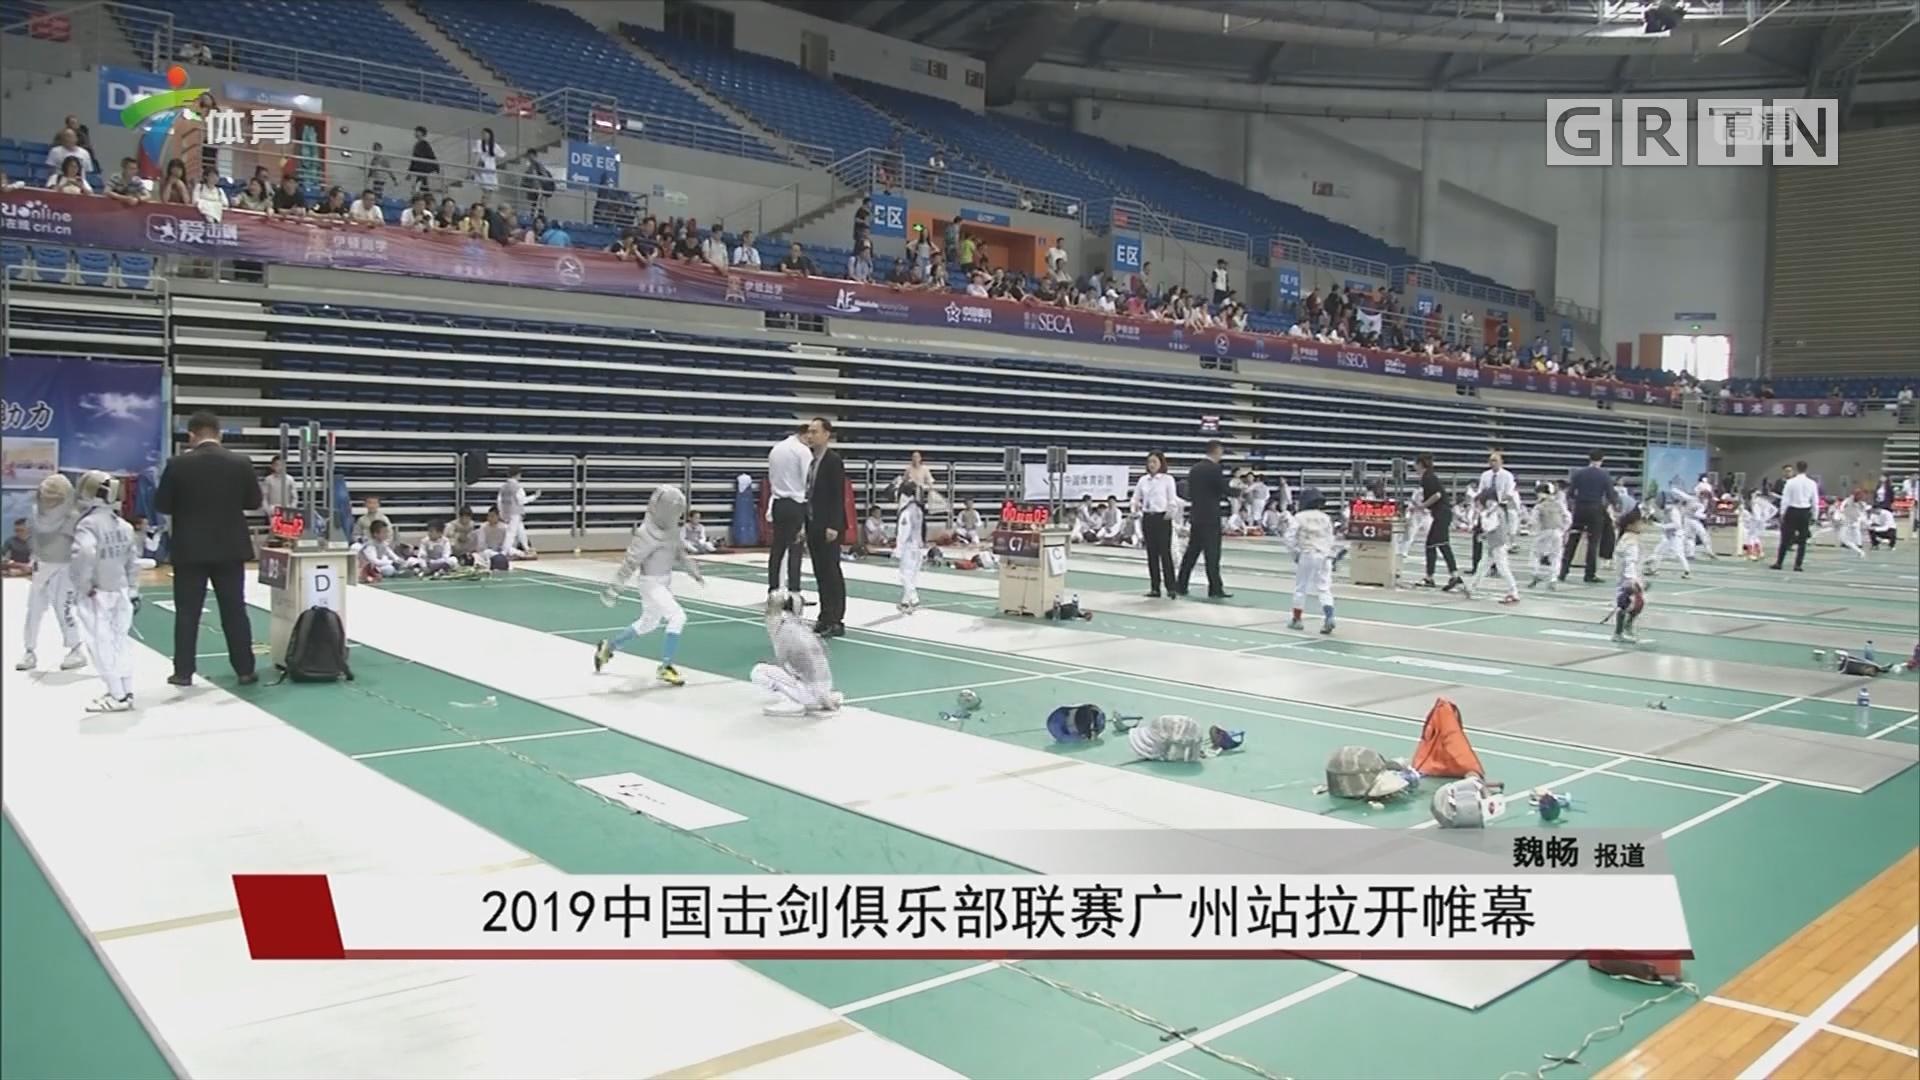 2019中国击剑俱乐部联赛广州站拉开帷幕